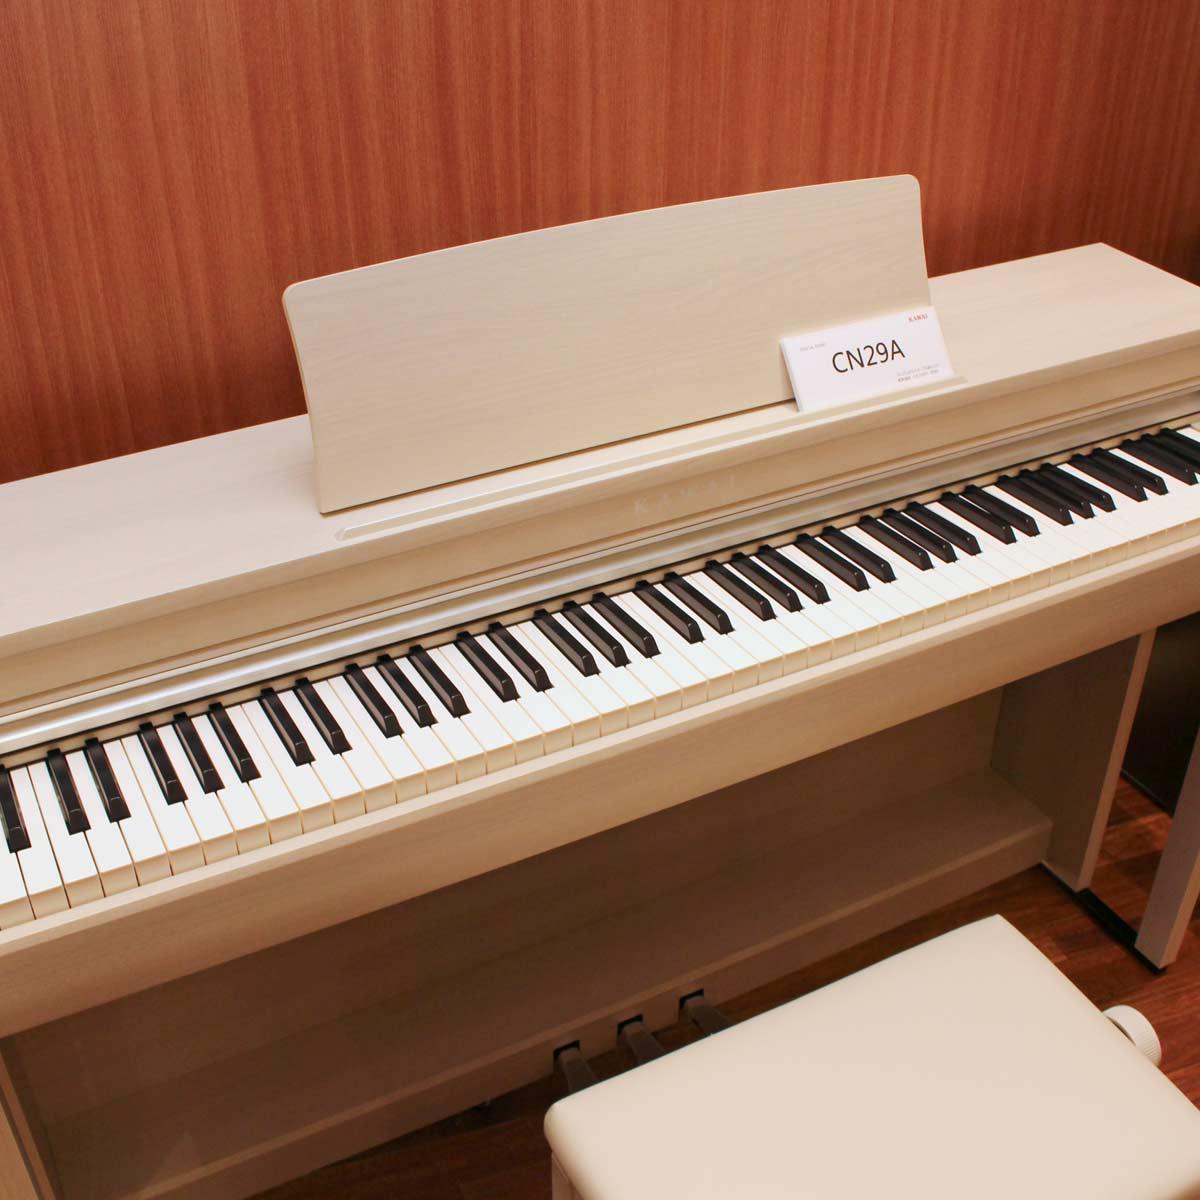 音質アップ! 人気のカワイ電子ピアノ入門機が2年ぶりにモデルチェンジ